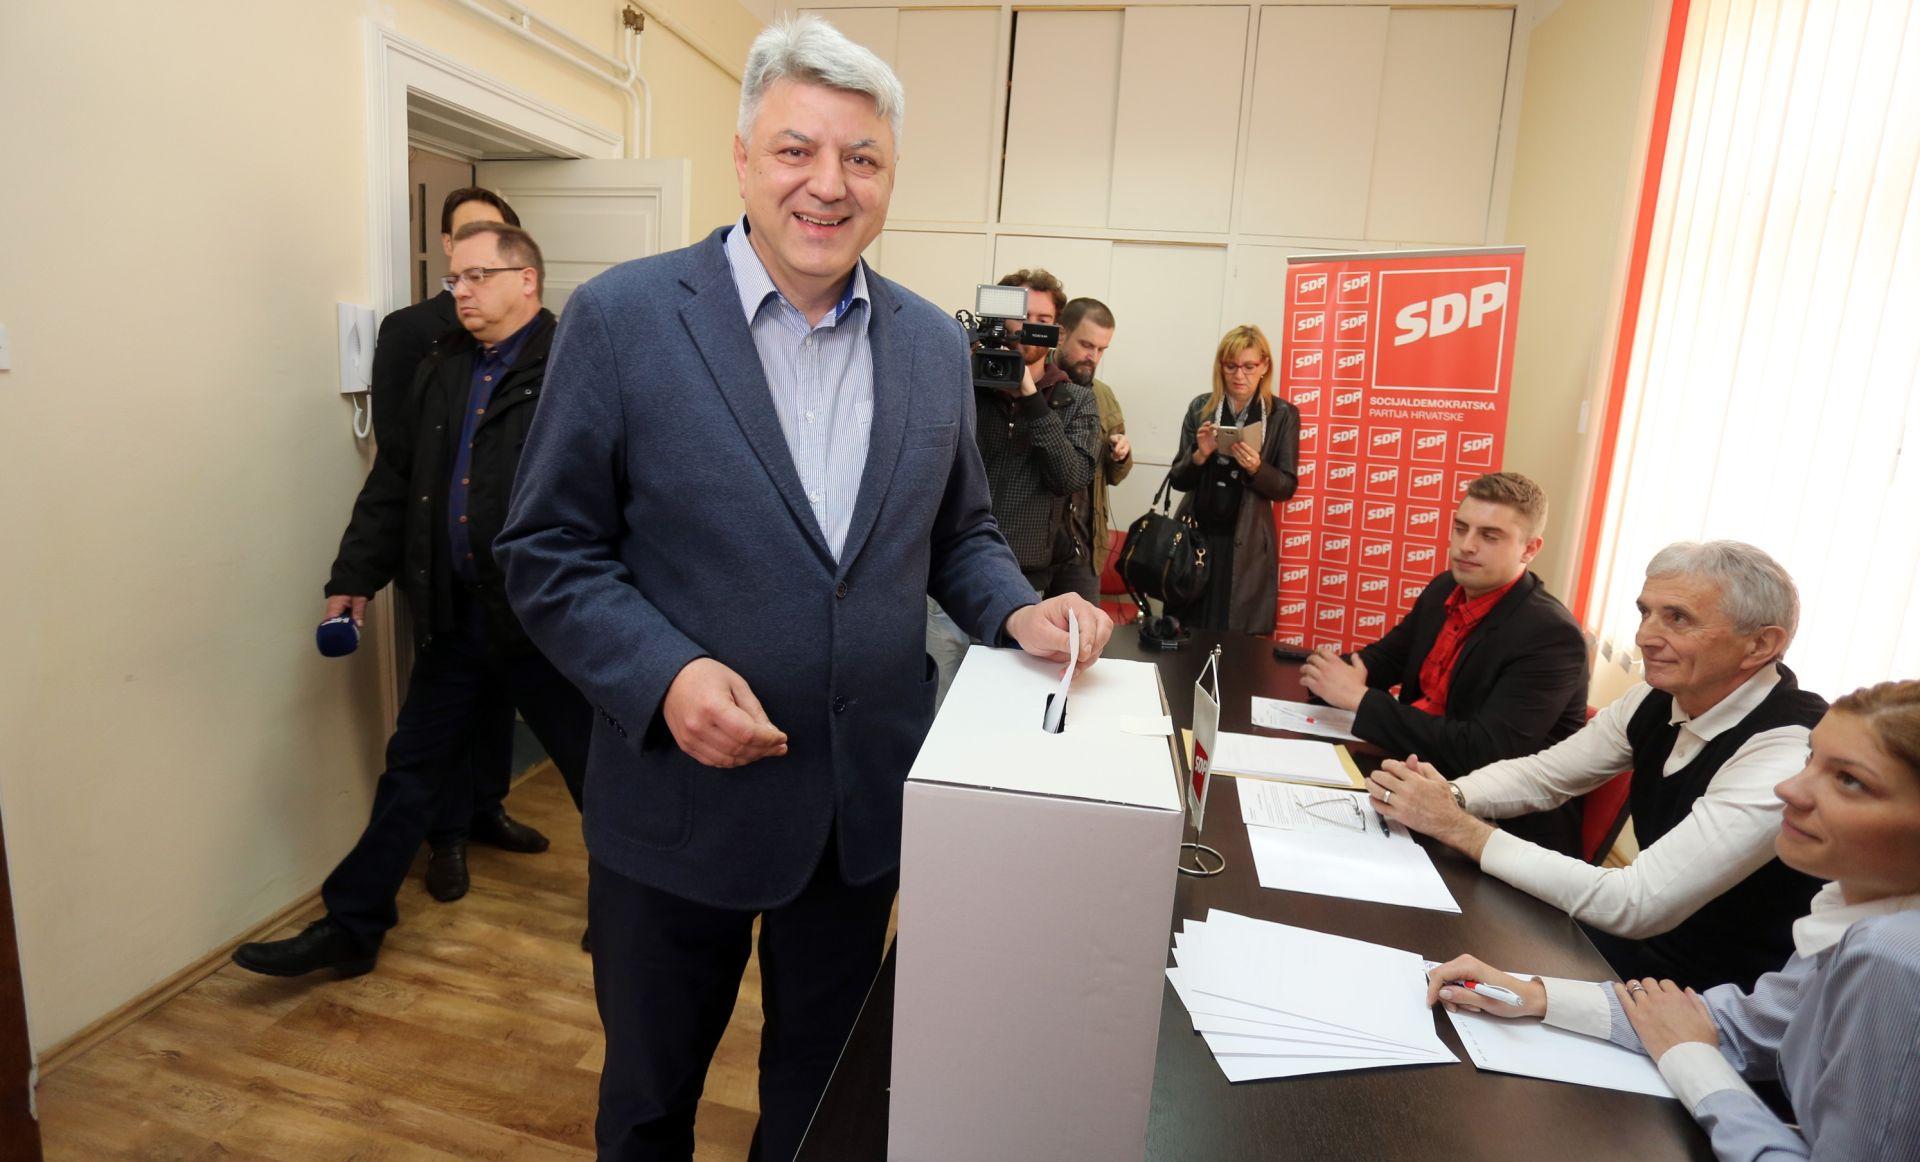 Zlatko Komadina: Članstvo danas glasa za socijaldemokraciju u SDP-u